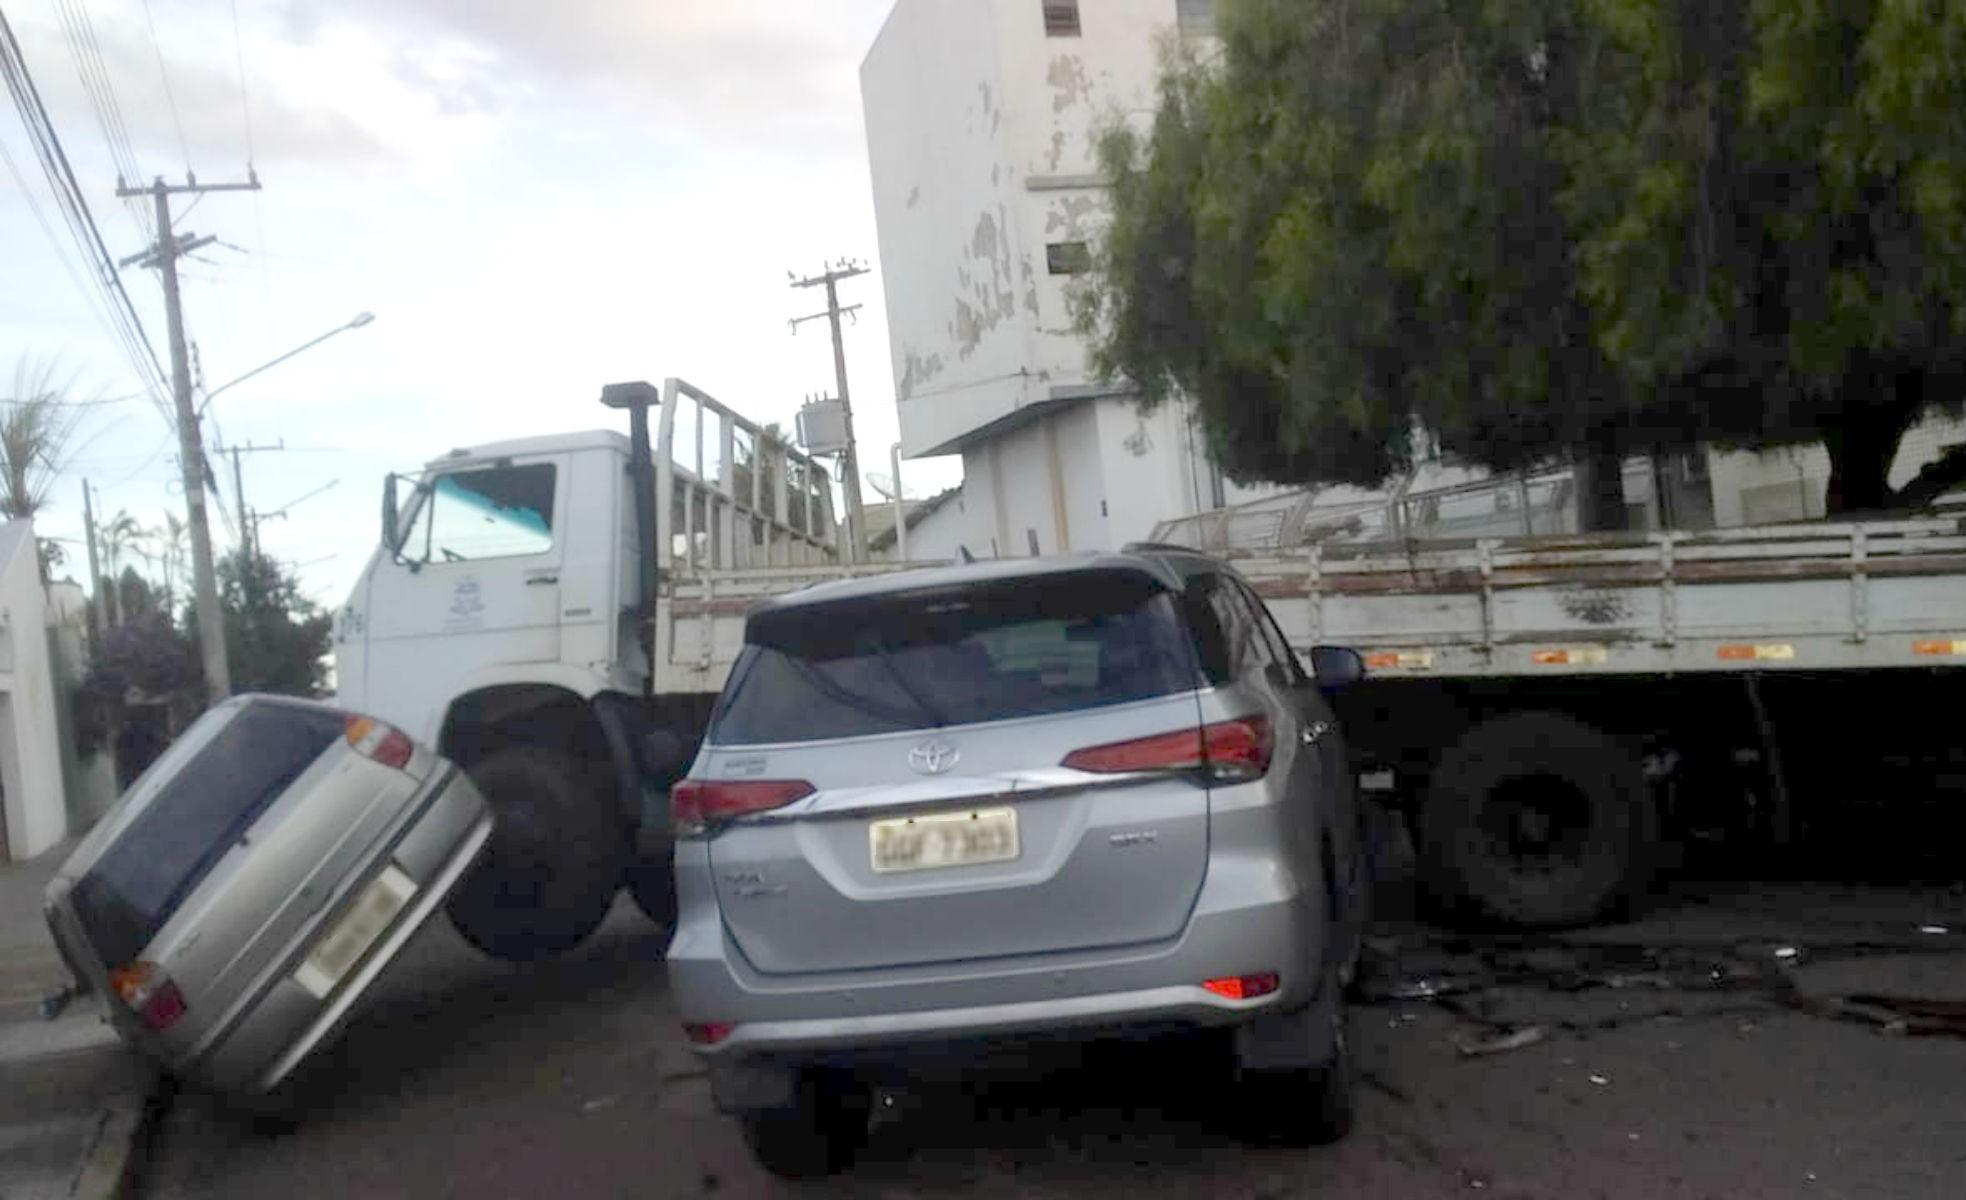 Caminhão da prefeitura se envolve em acidente com quatro veículos em Ourinhos